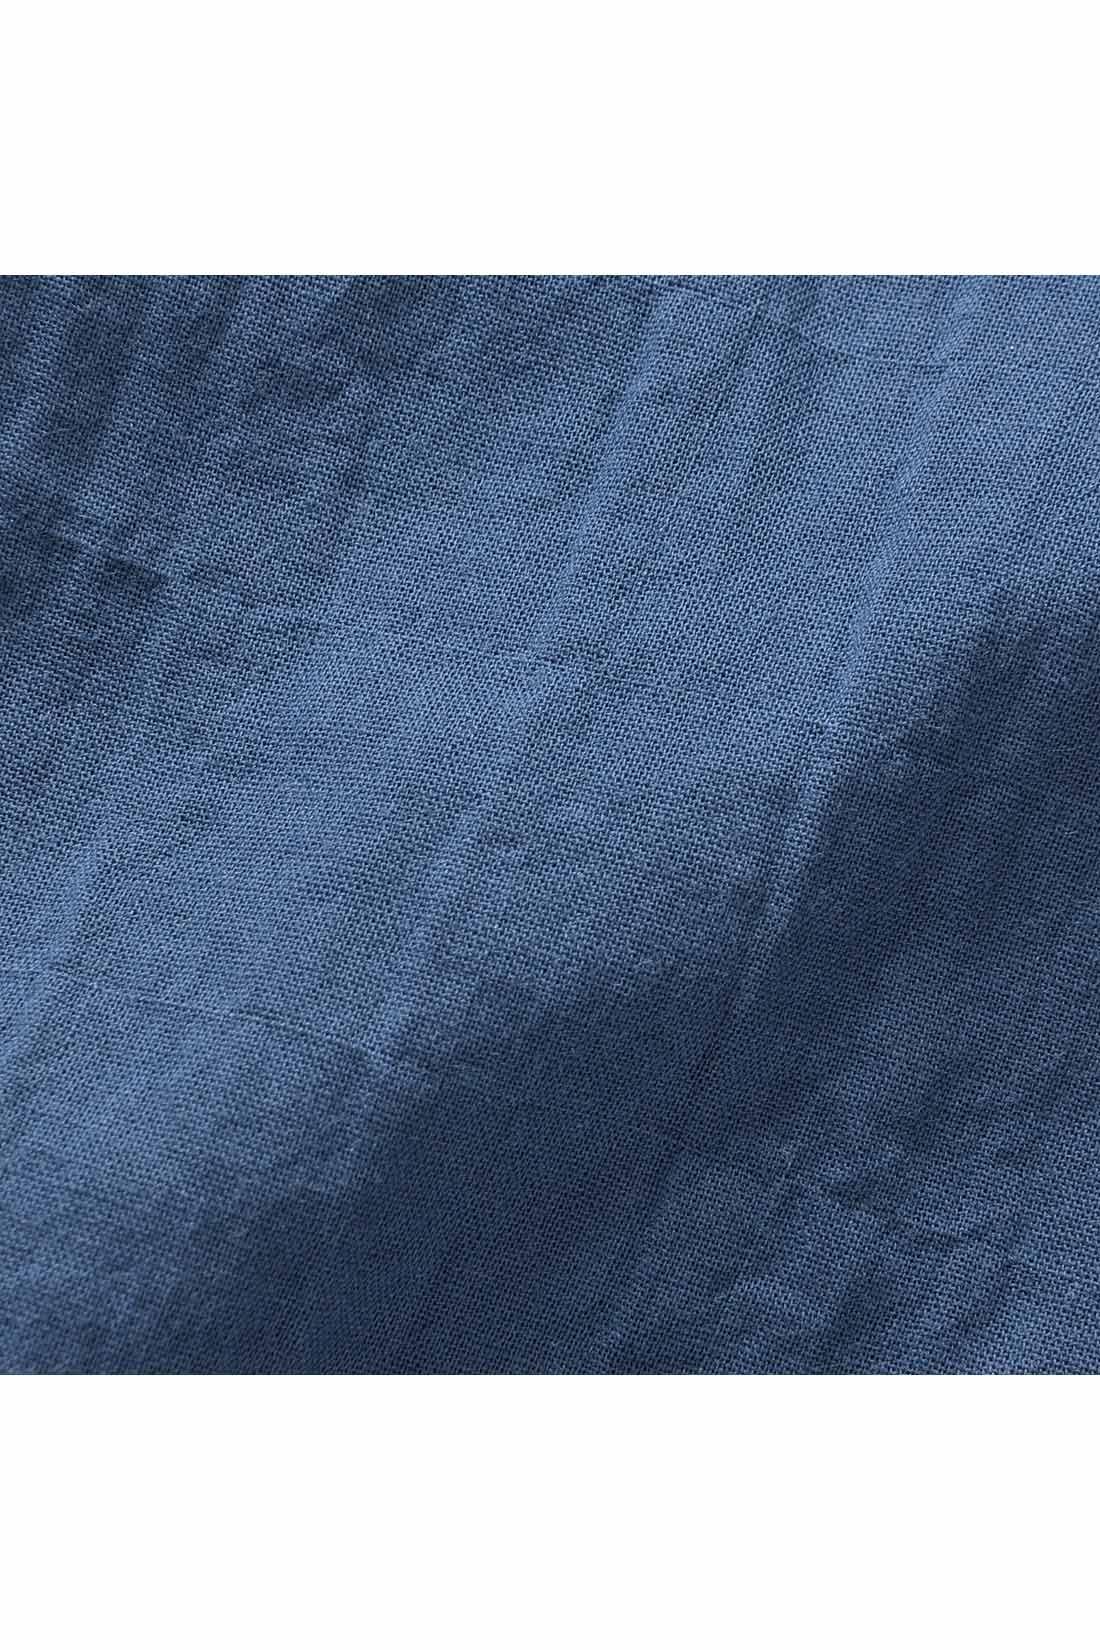 軽やかな薄手のコットン素材にストレッチ糸を入れて、ポコポコした肌ざわりのいい表面感を作りました。